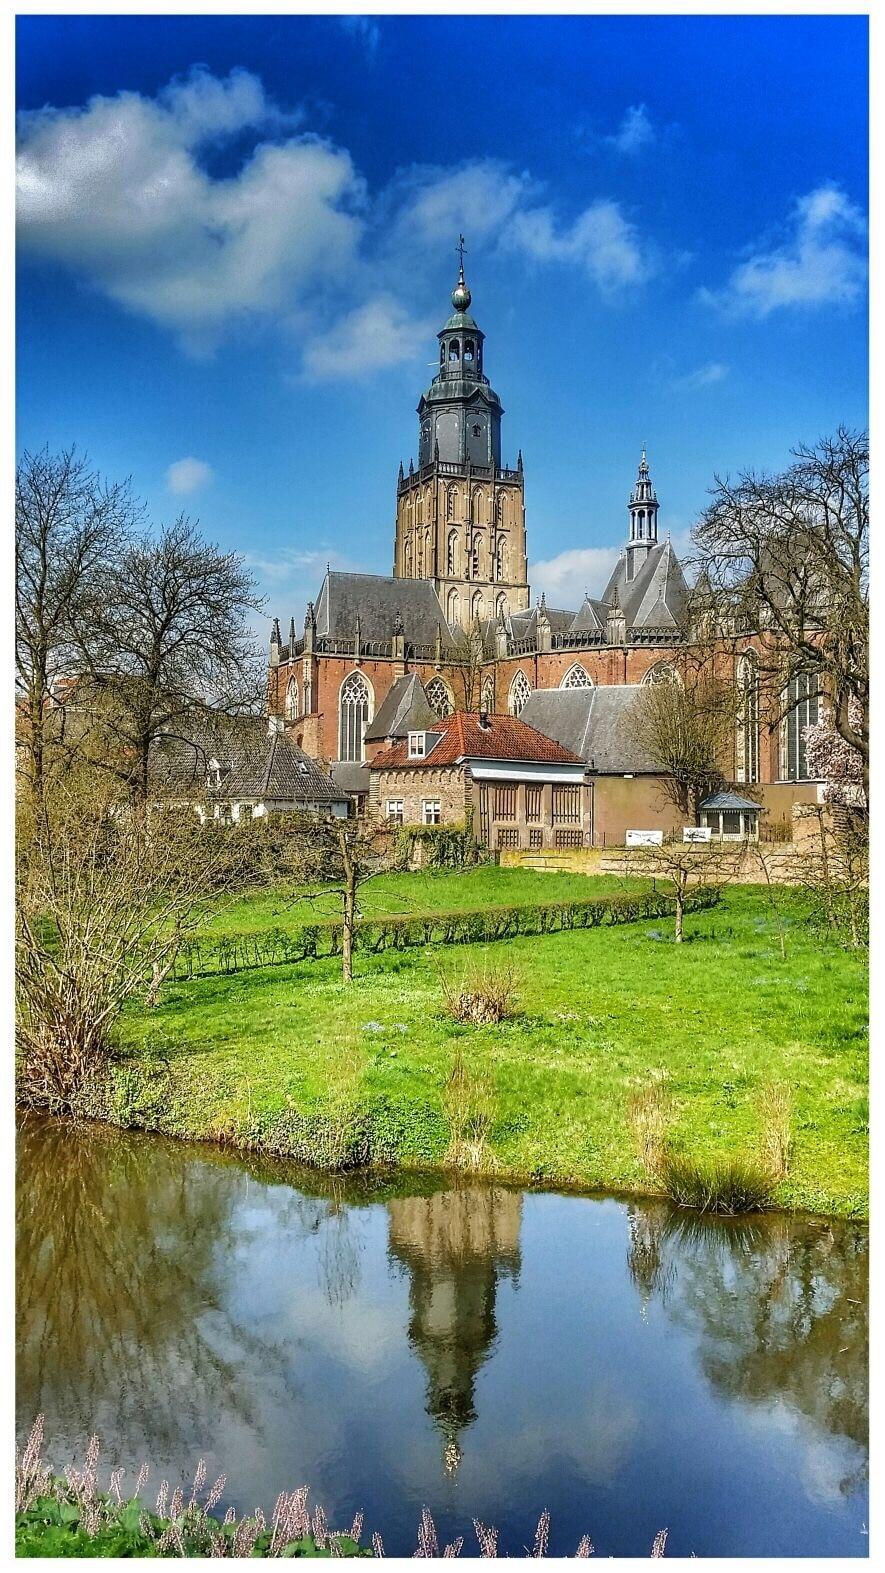 Zutphen, Güeldres, Países Bajos